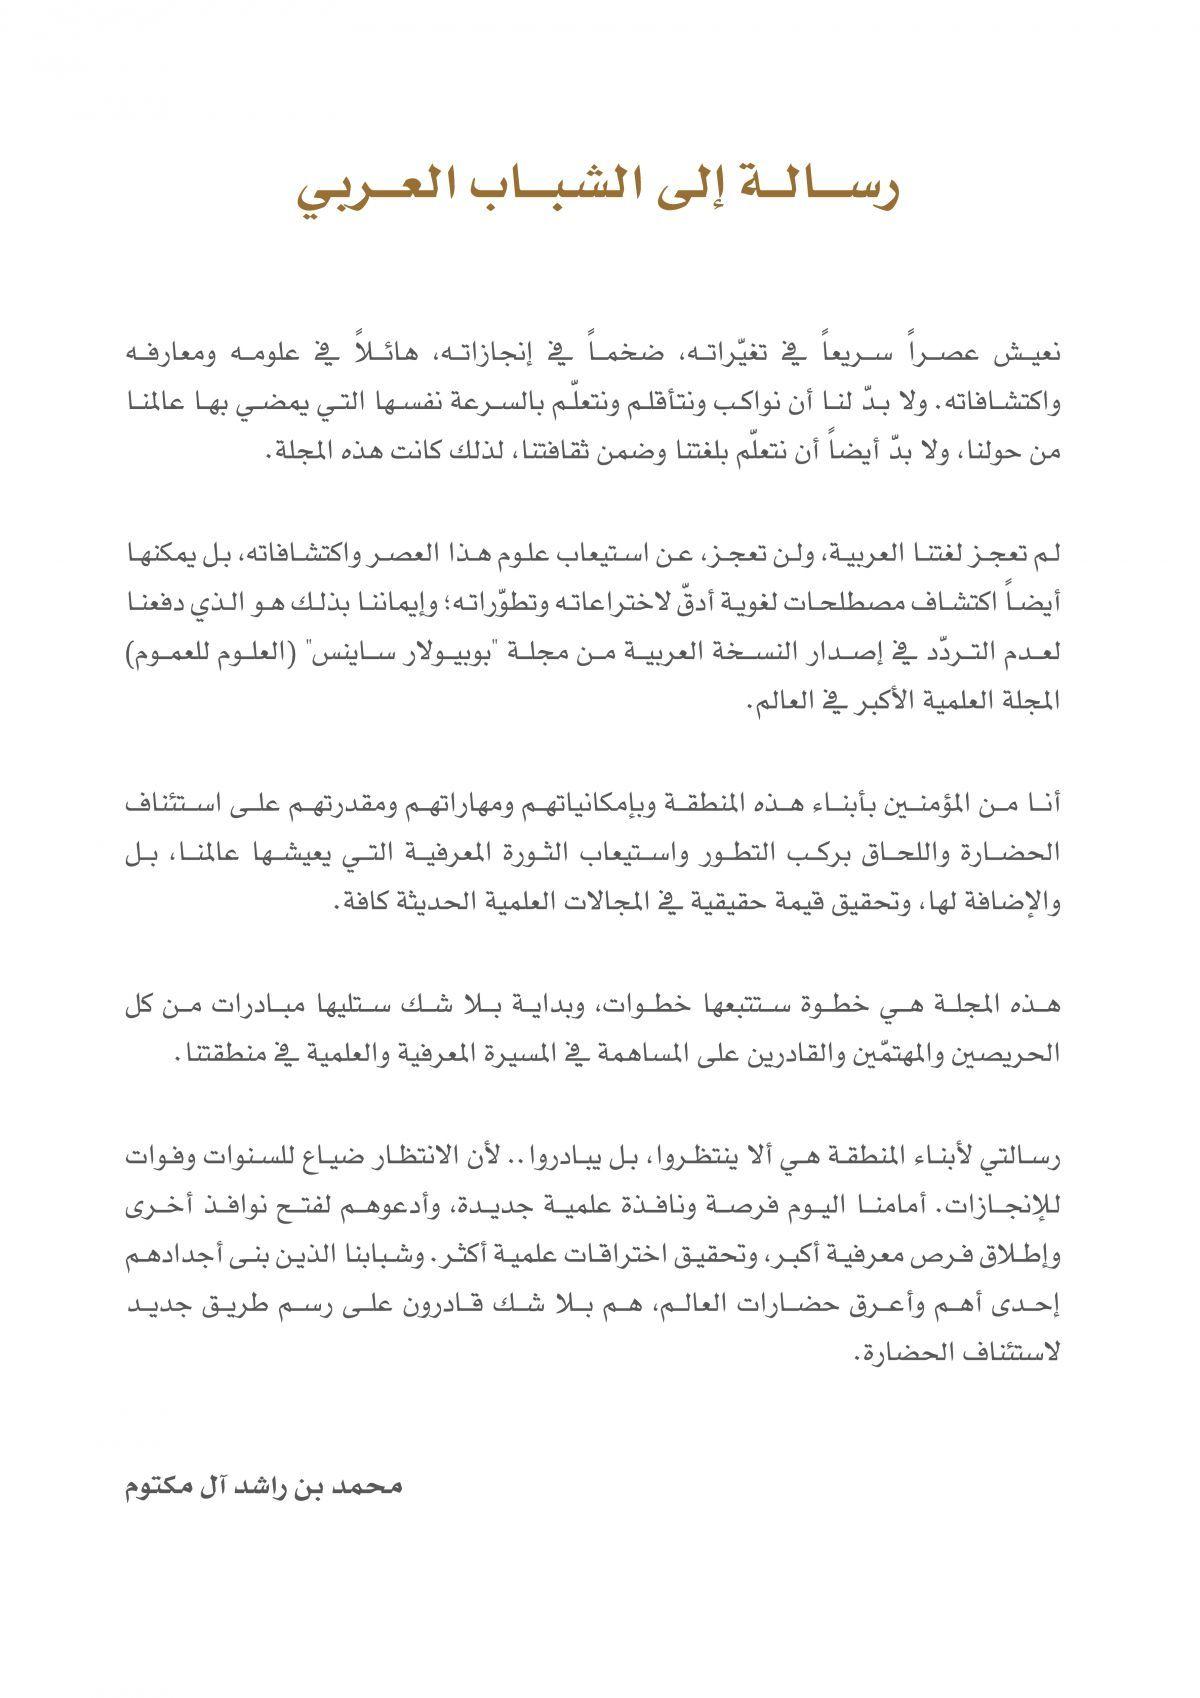 محمد بن راشد يوجه رسالة للشباب العربي Lille Lil